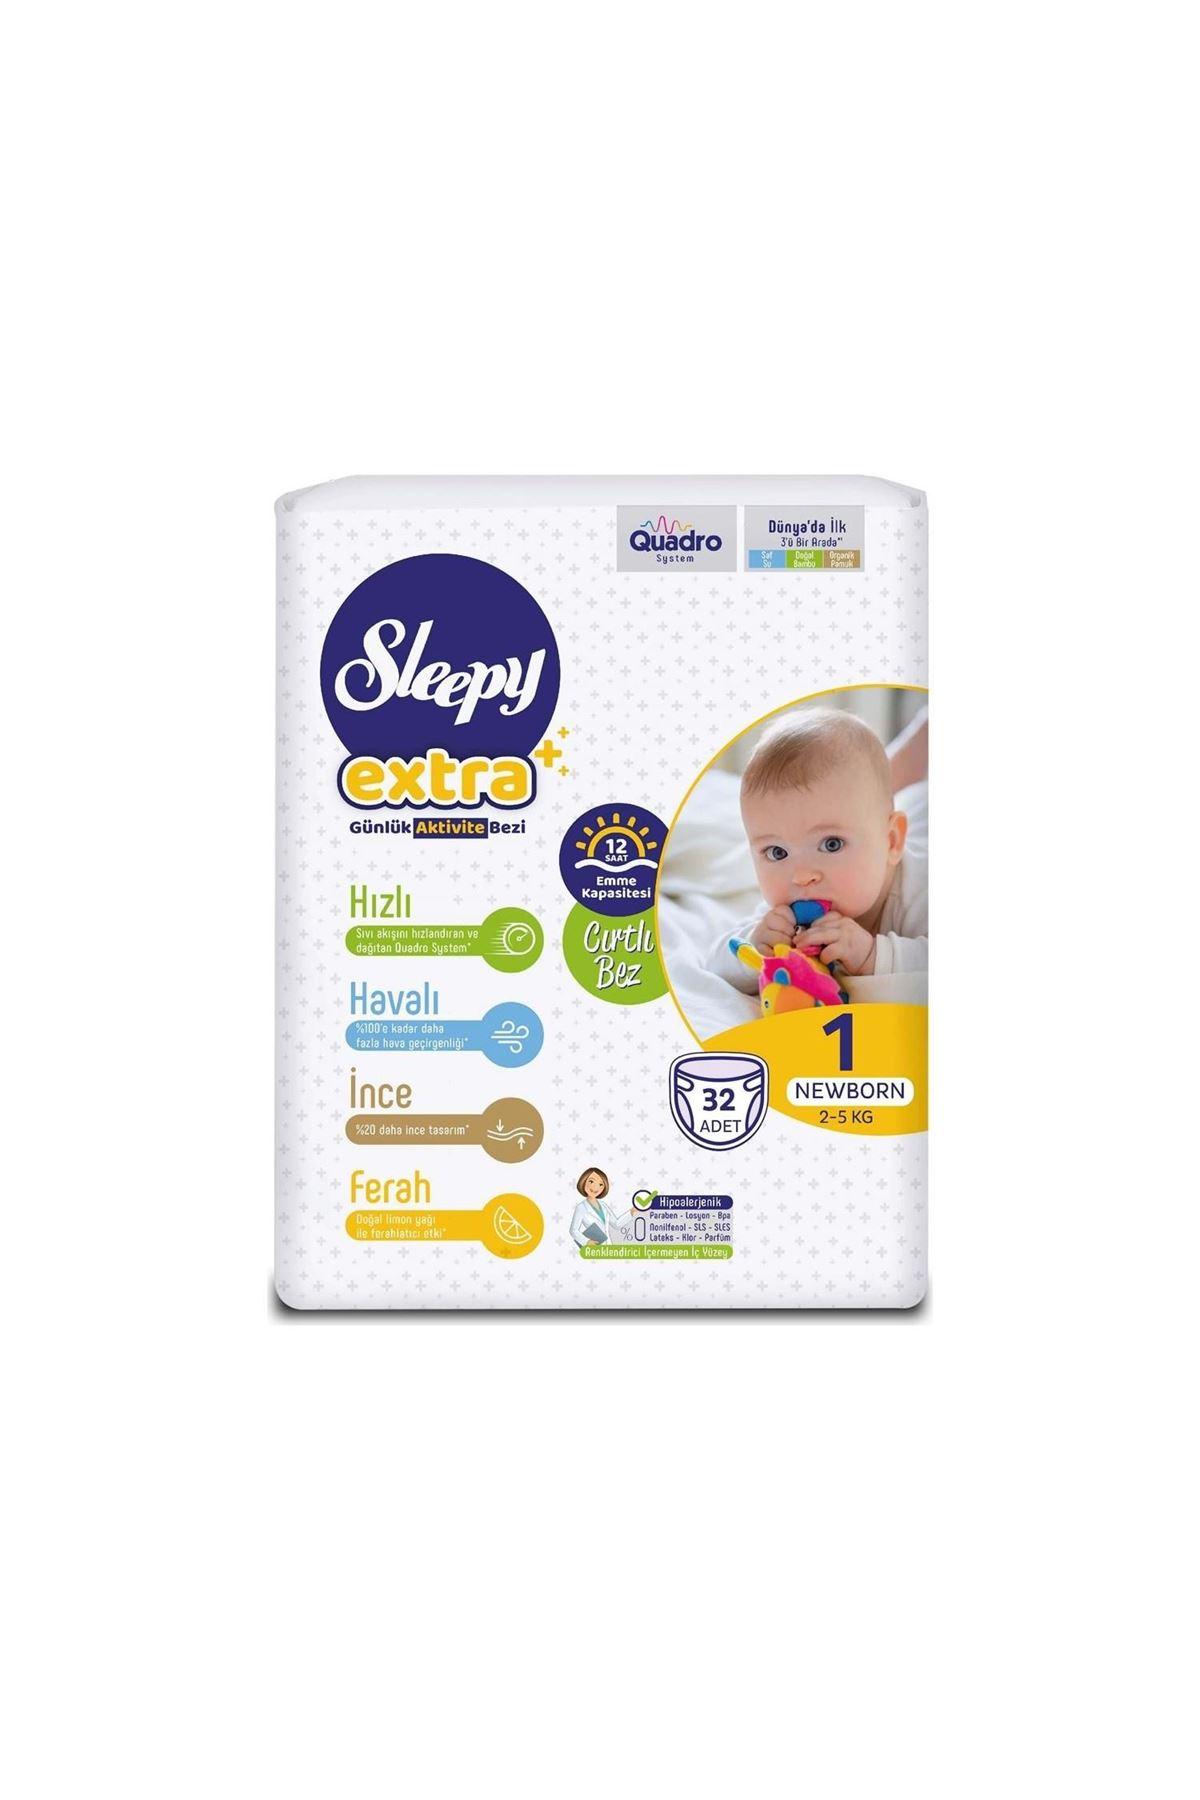 Sleepy Extra Günlük Aktivite Bebek Bezi 1 Beden 2-5 Kg 32 Adet